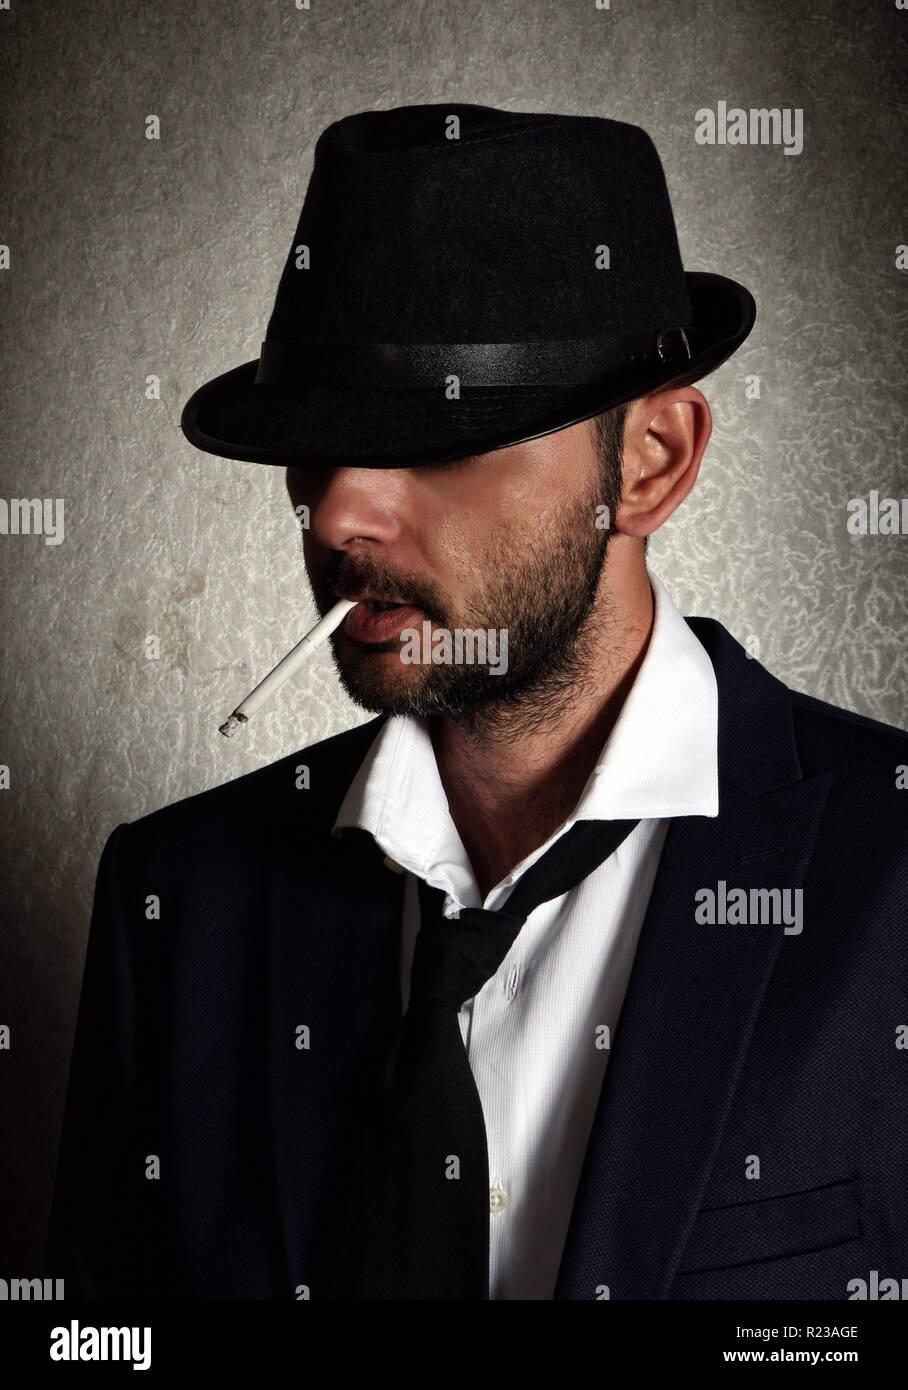 Retrò uomo con il cappello e sigaretta Foto   Immagine Stock ... acb25d93dbaf